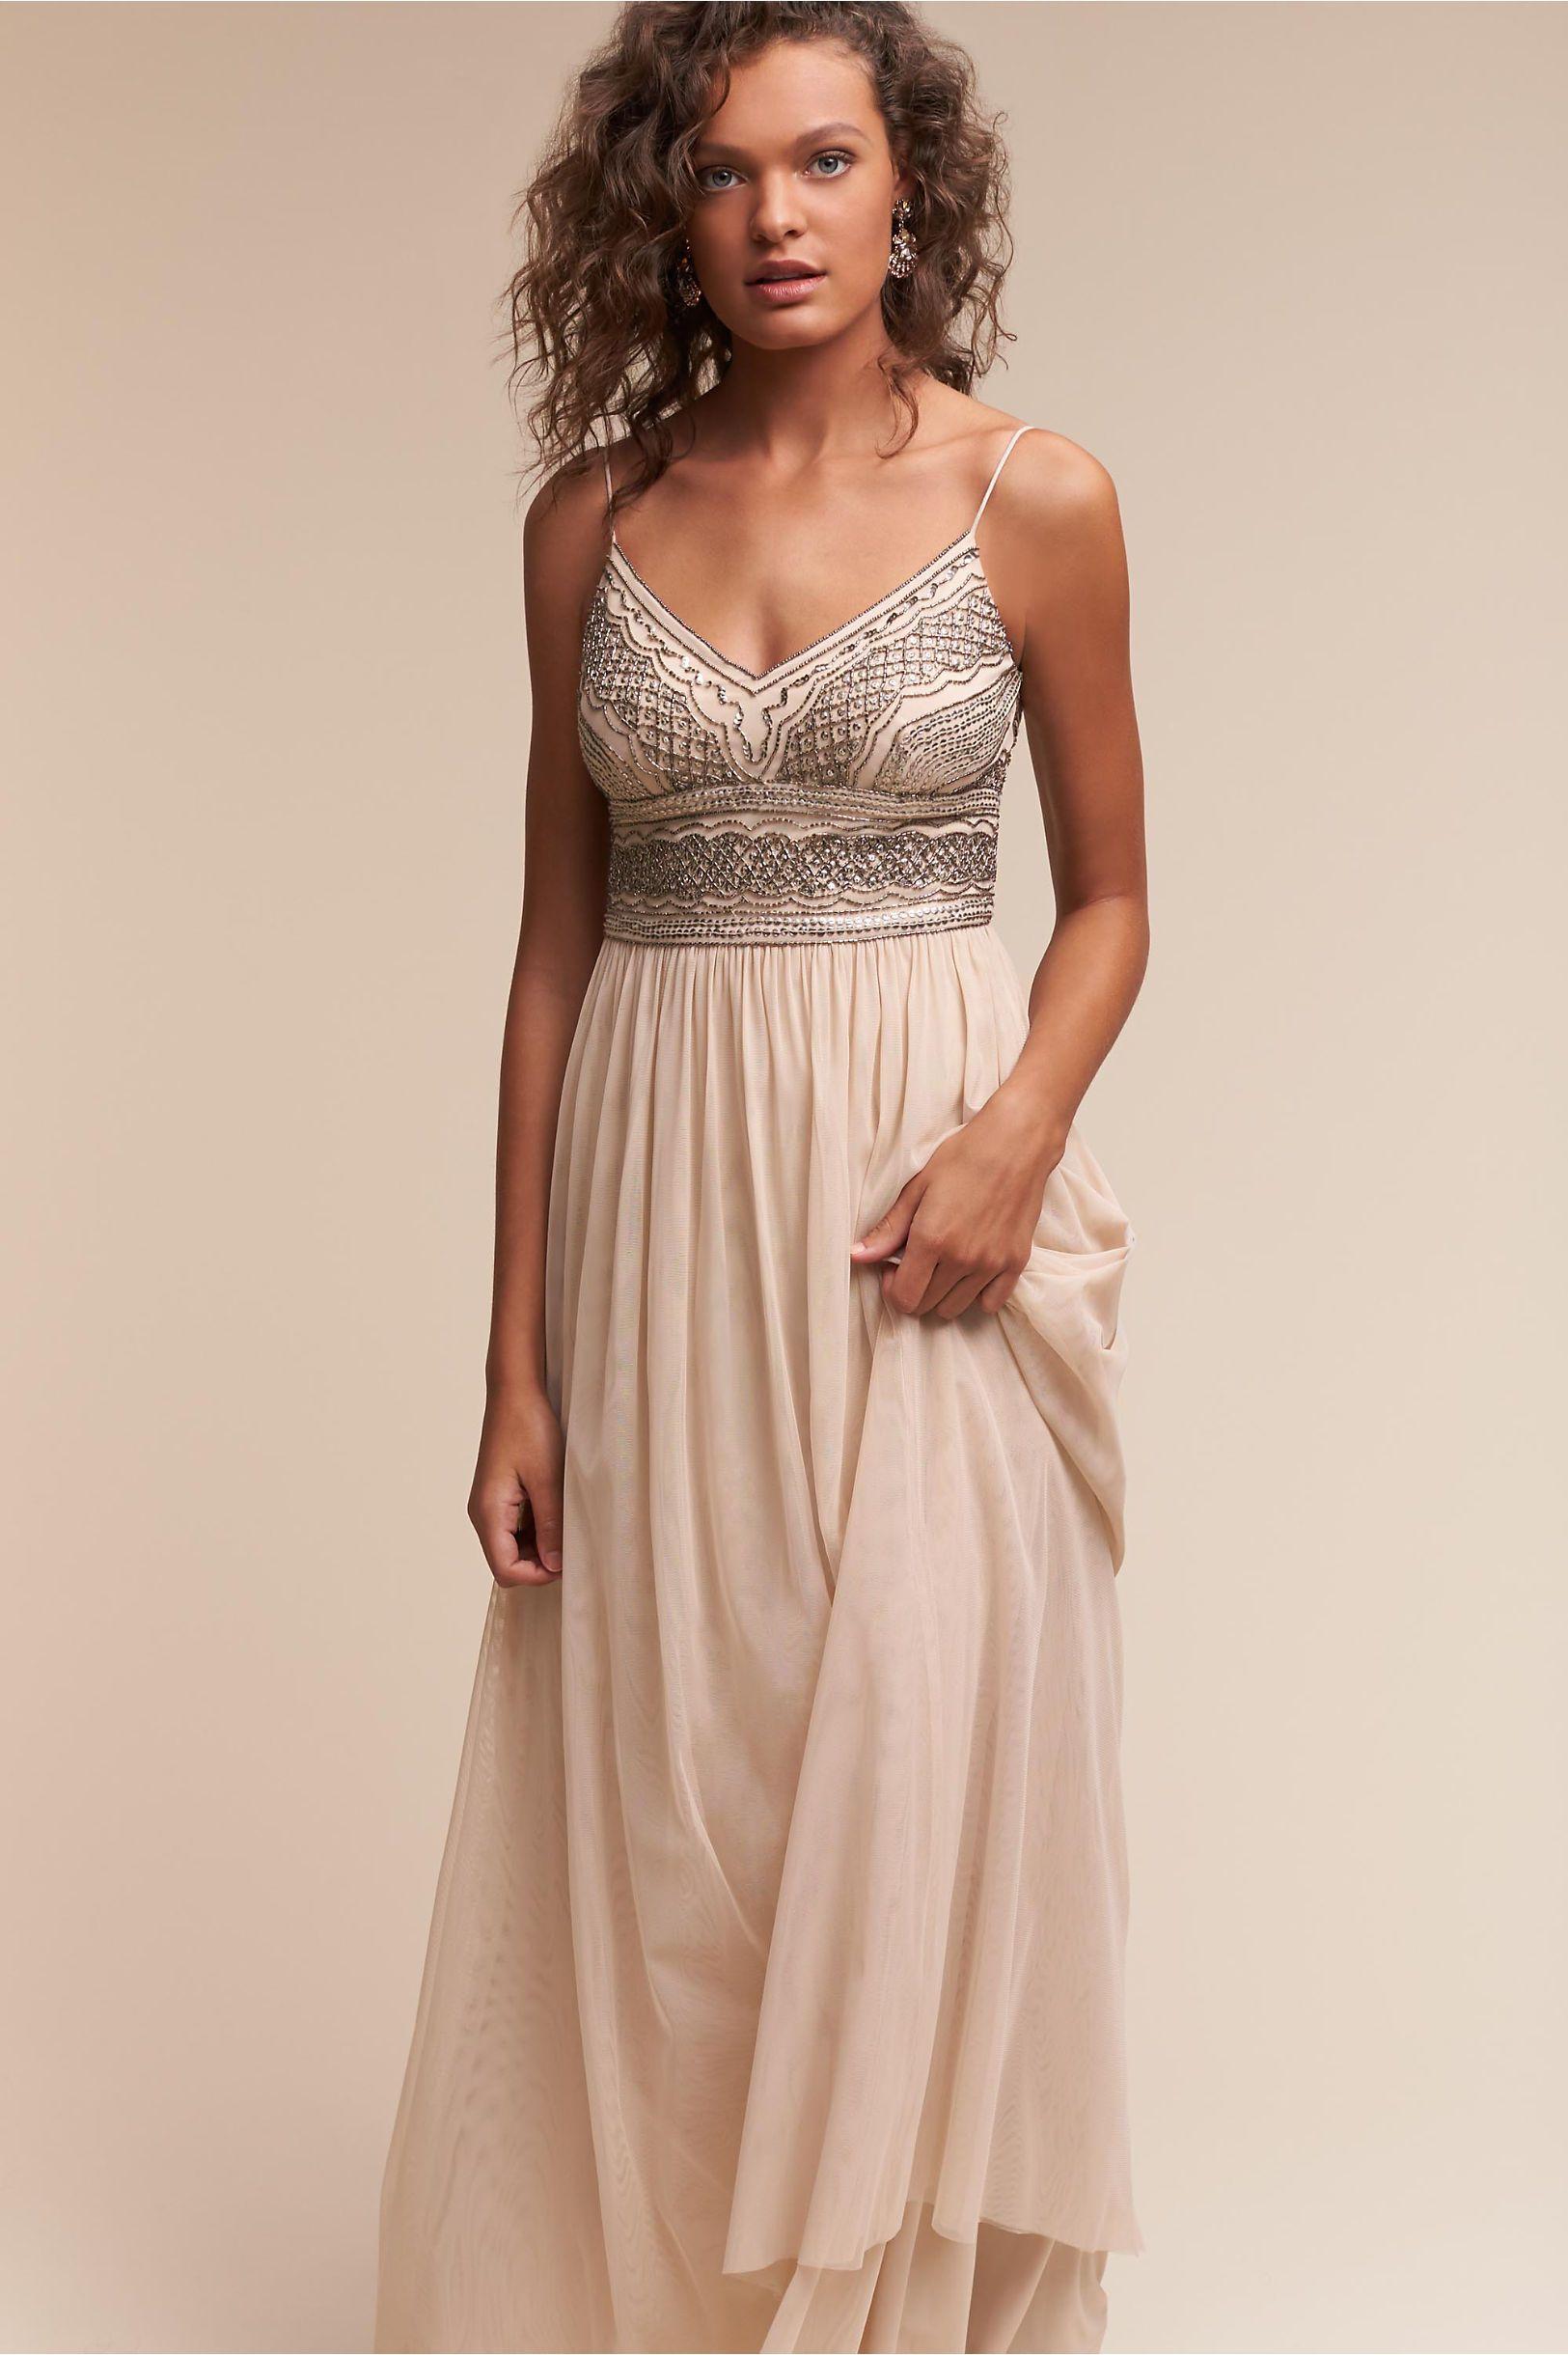 08e3b14ae4a4 BHLDN Aida Dress in Bridesmaids View All Dresses | BHLDN | ladies ...